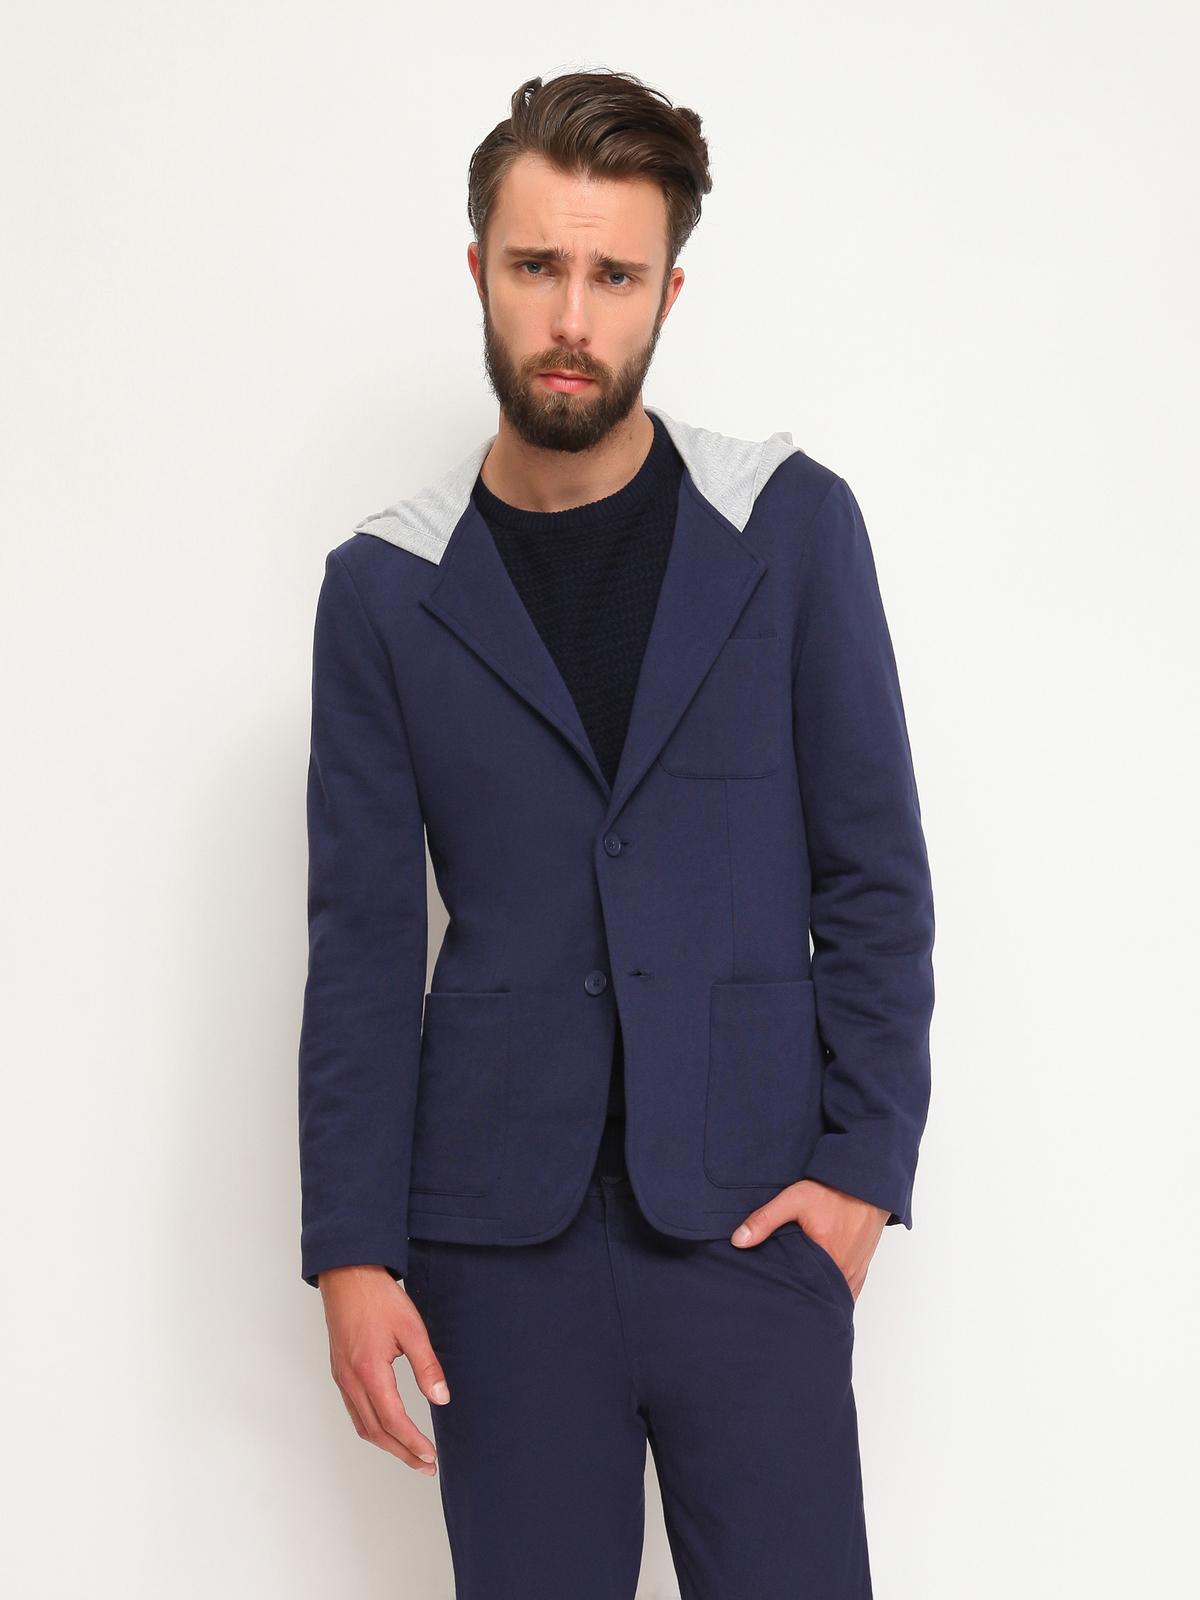 DRYWASH casual σακακι με κουκουλα